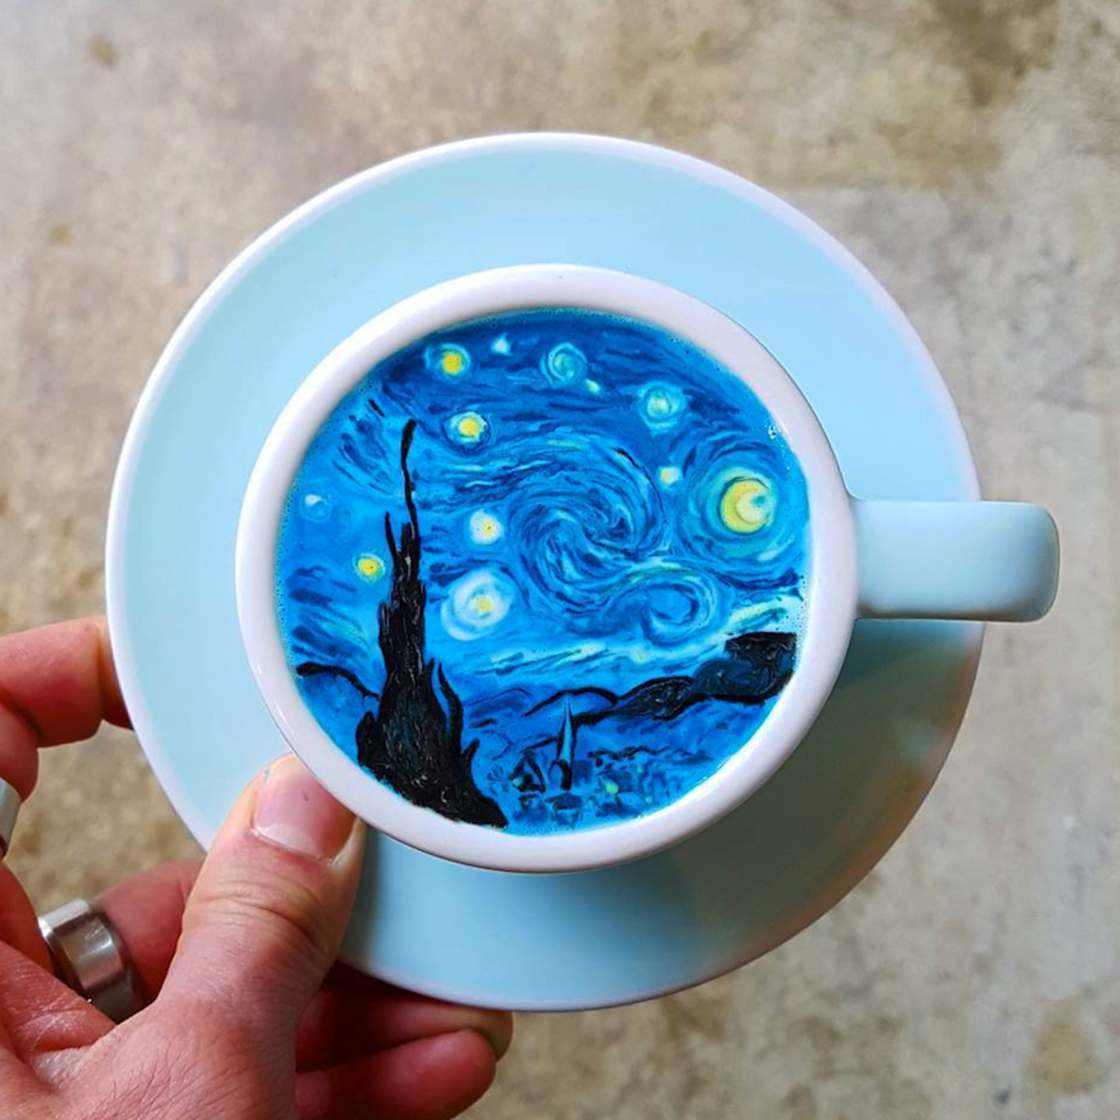 art-on-coffee-lee-kang-bin-20.jpg